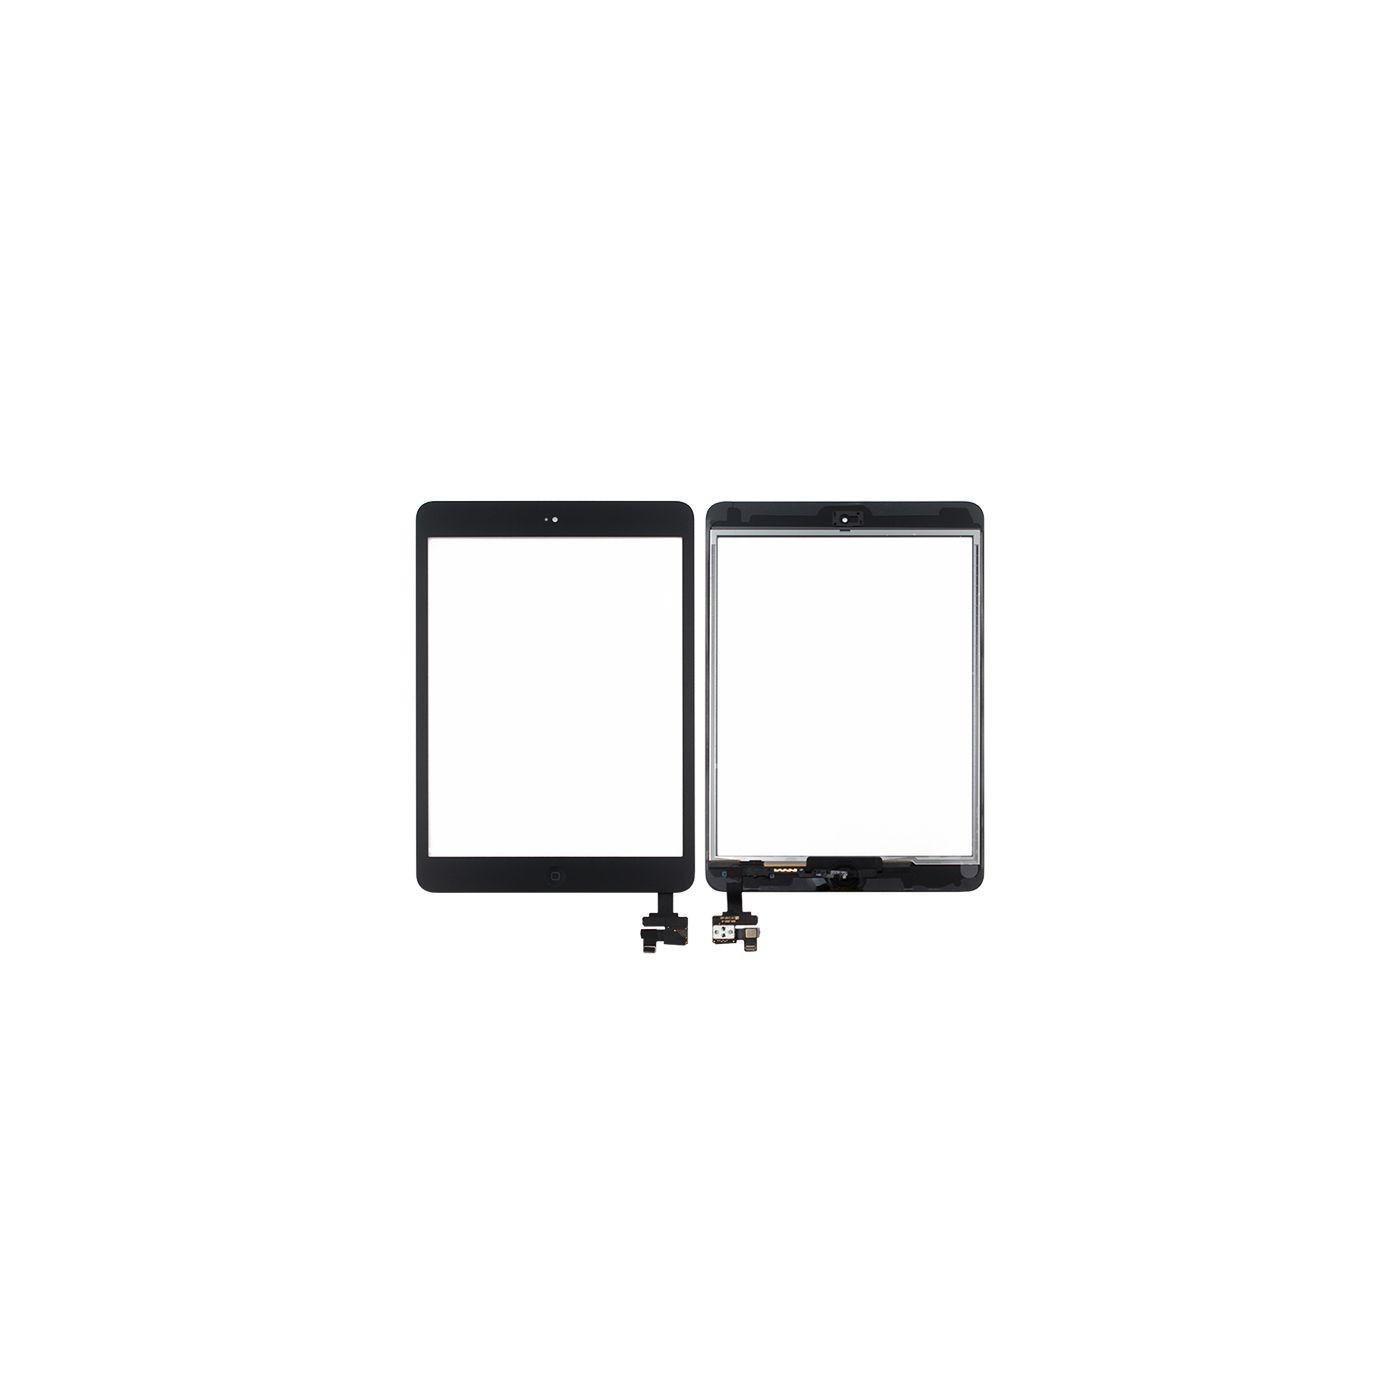 Écran tactile pour apple ipad mini - mini 2 écran wifi noir en verre 3g + autocollant